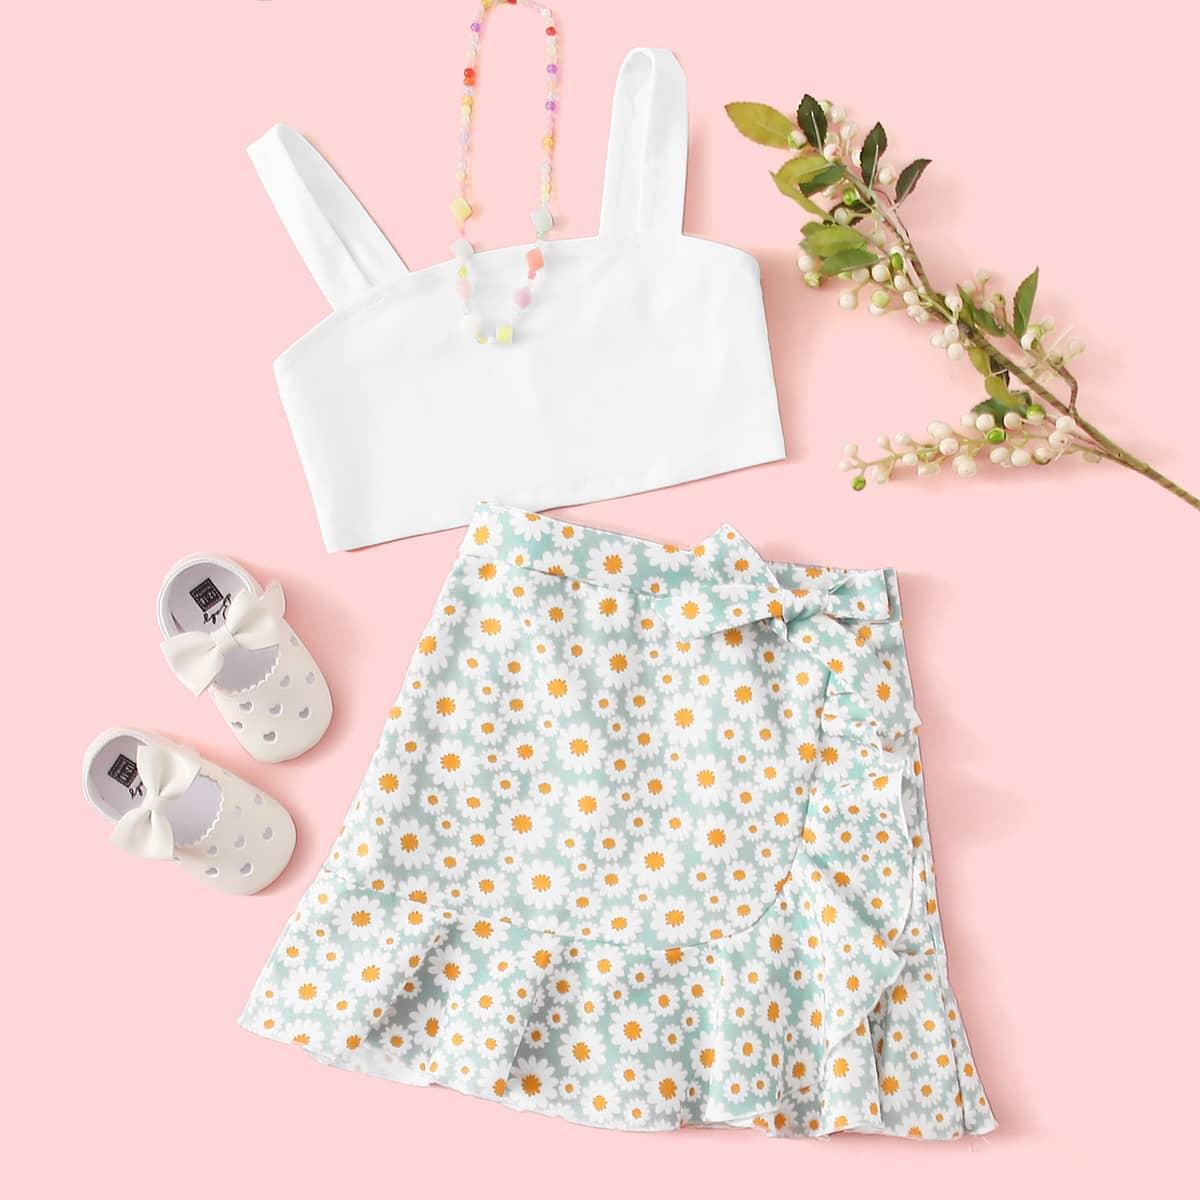 SHEIN / Mädchen Einfarbiges Cami Top & Rock mit Knoten, Gänseblümchen Muster und Raffung